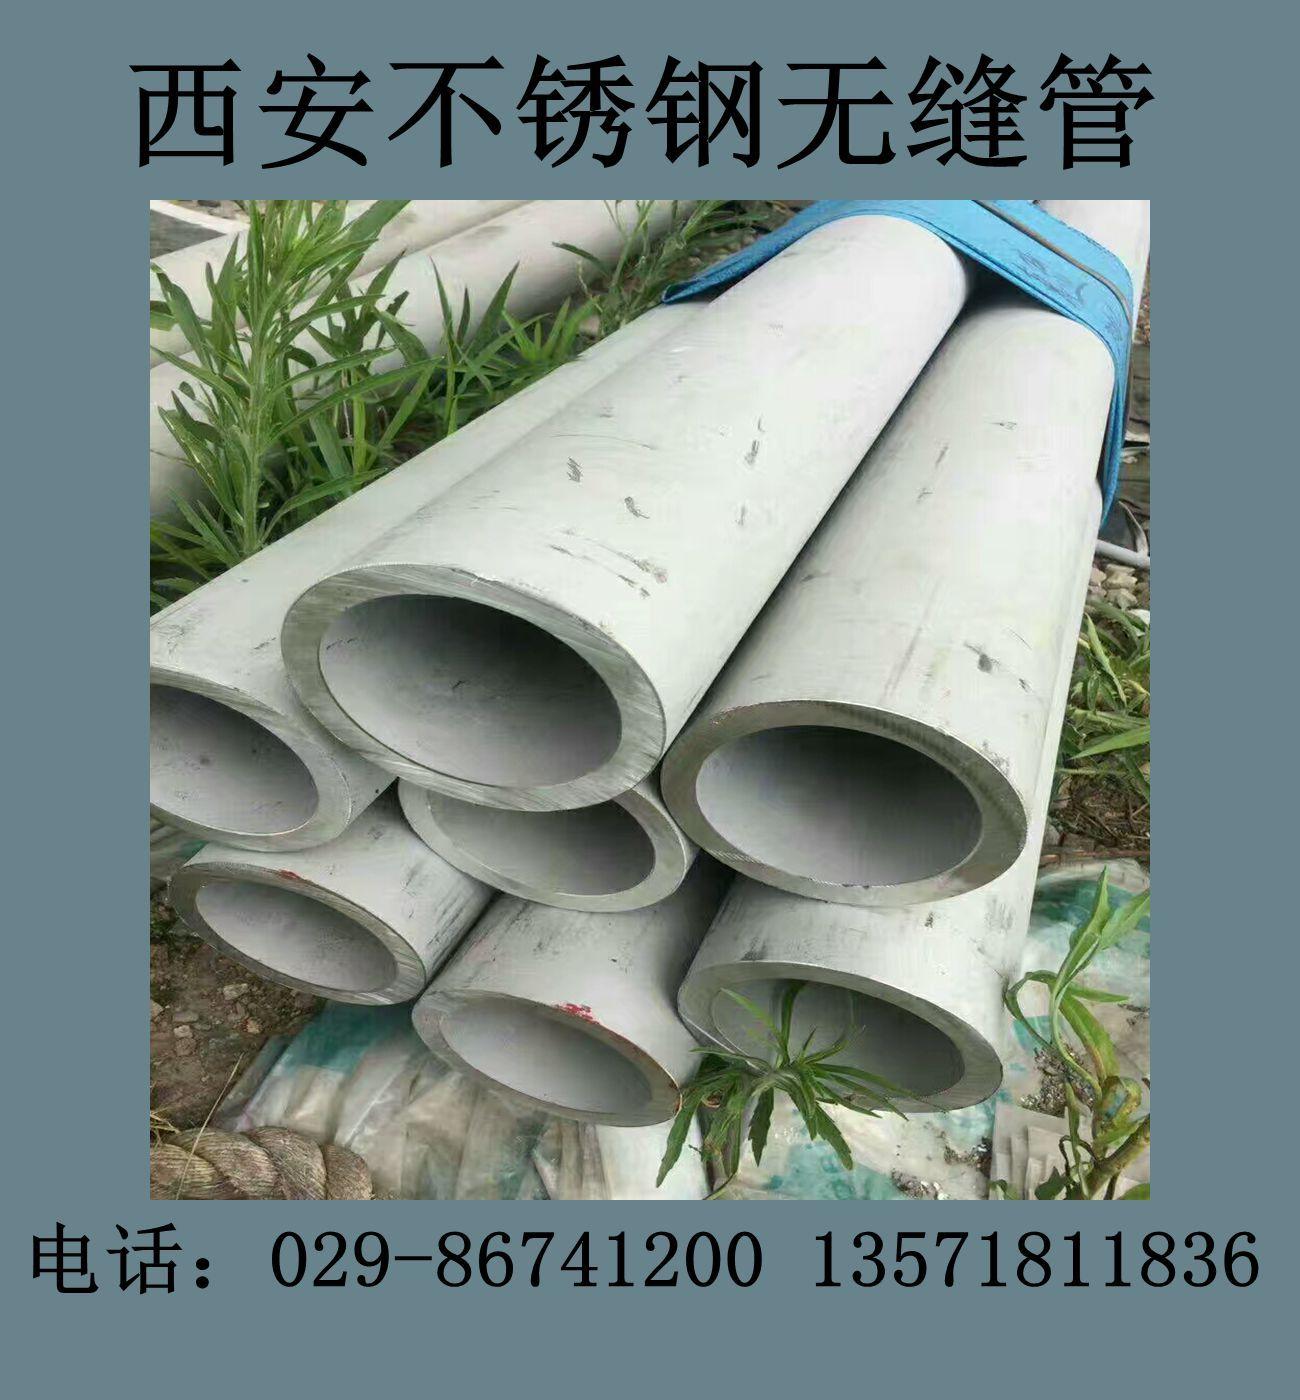 嘉峪關不銹鋼管304不銹鋼管316L不銹鋼管347H不銹鋼管廠家直銷